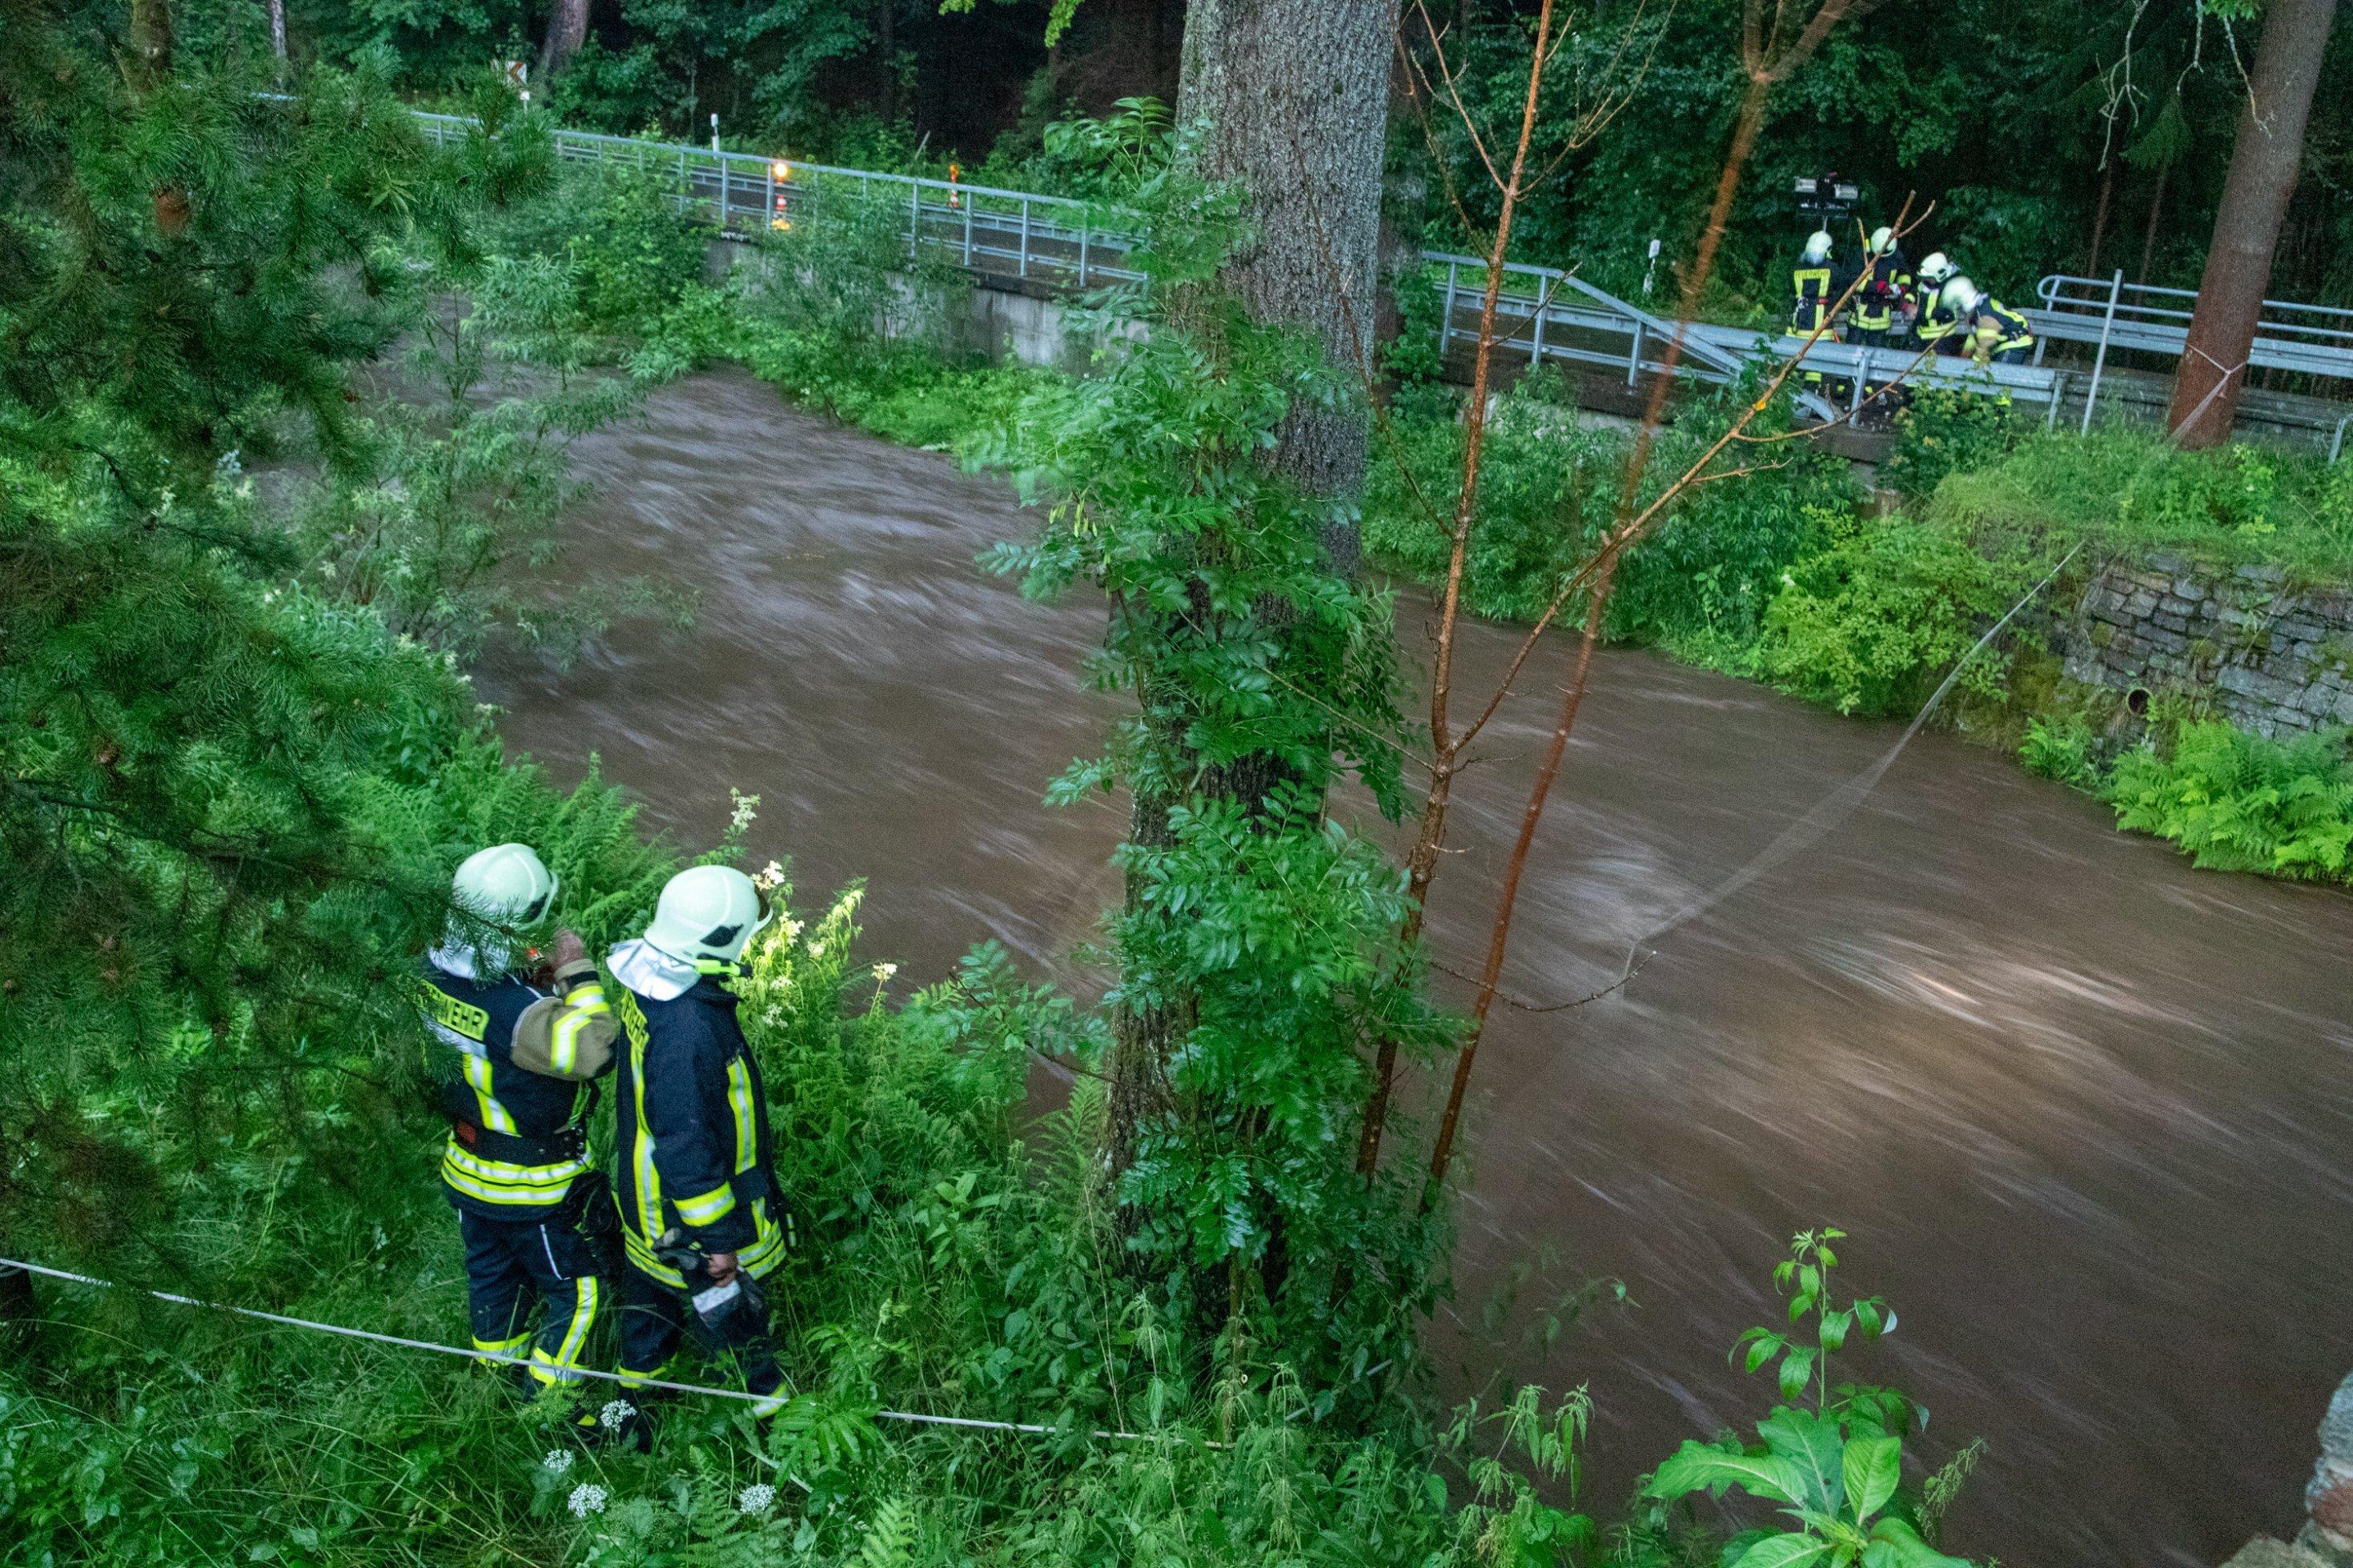 Brauner Bach mit grünem Uferbewuchs, fünf Feuerwehrleute am Ufer schauen ins Wasser.